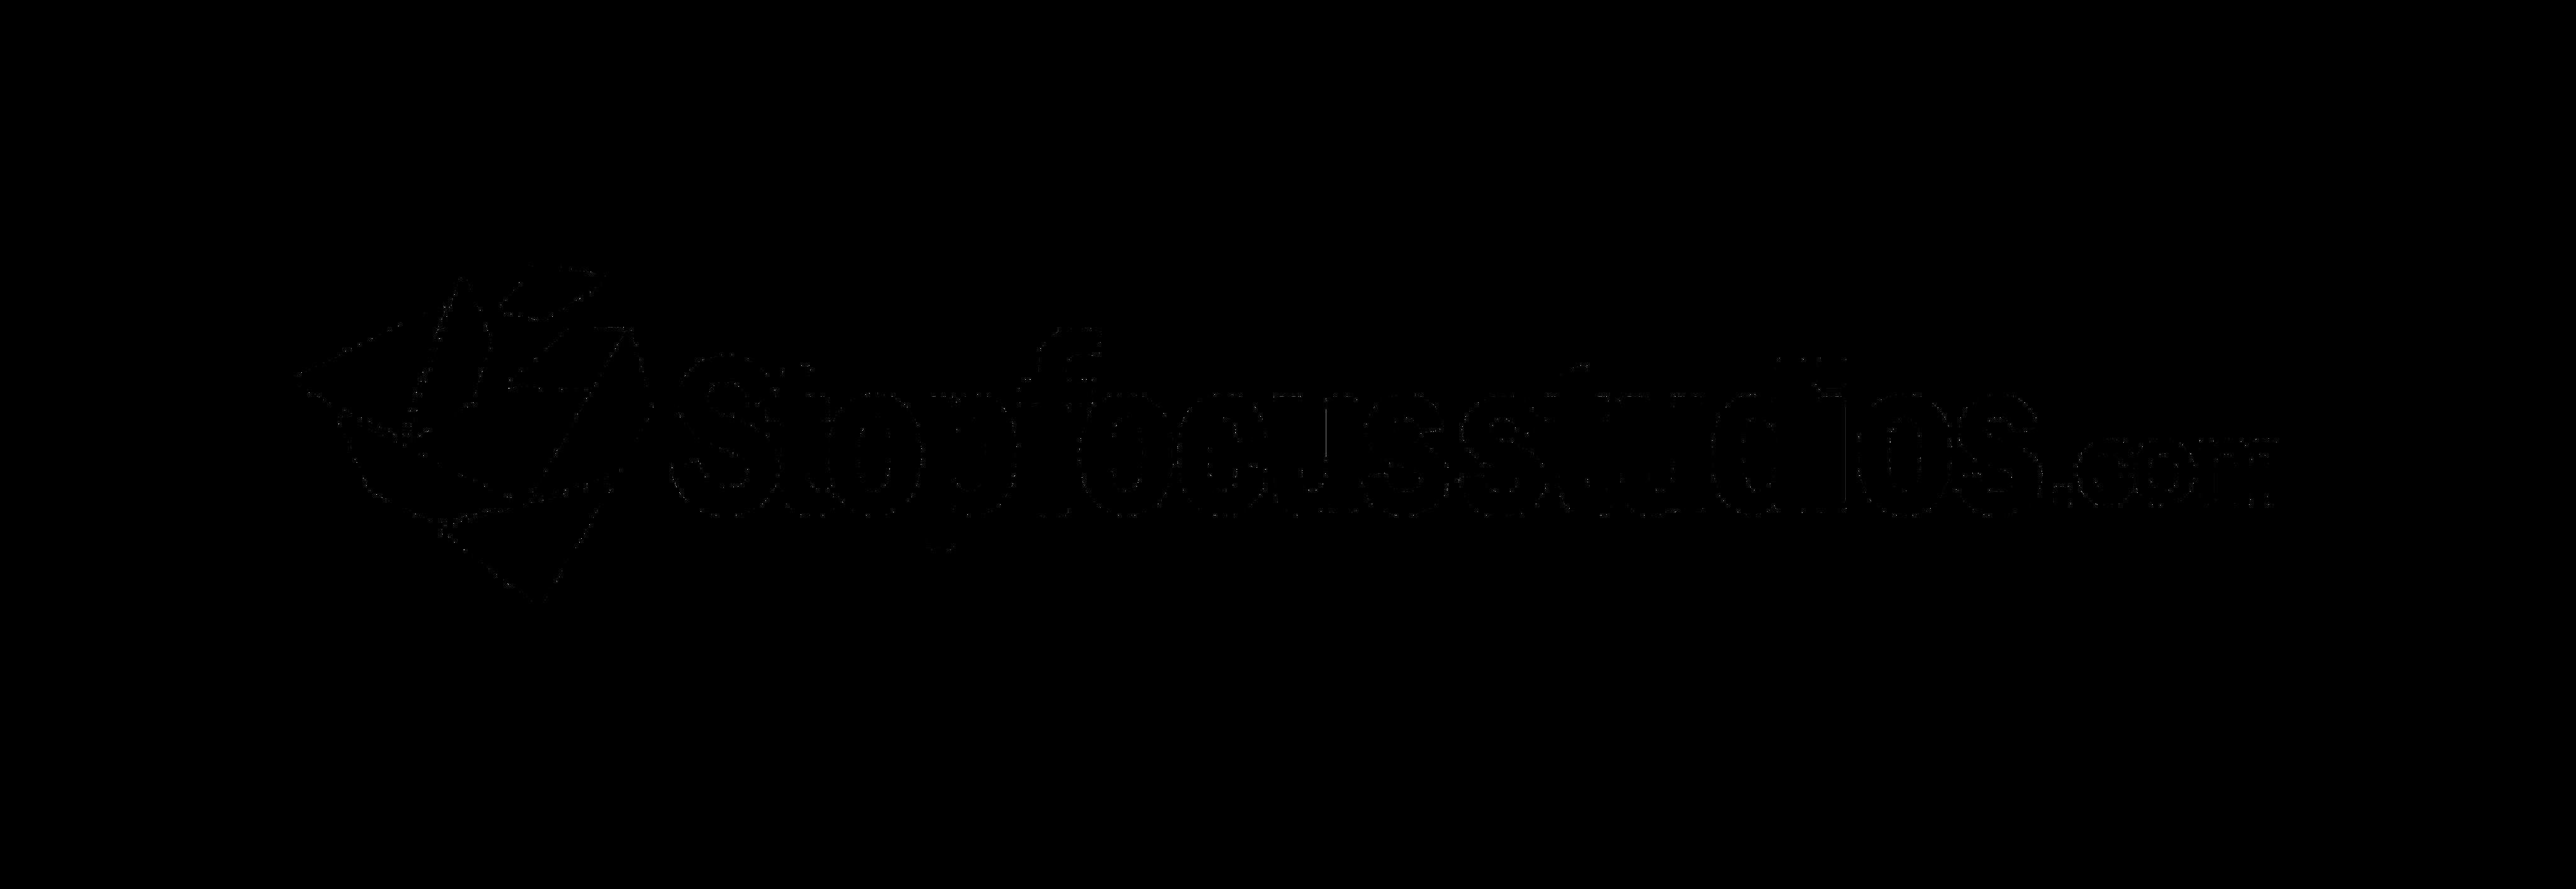 stopfocusstudios.com